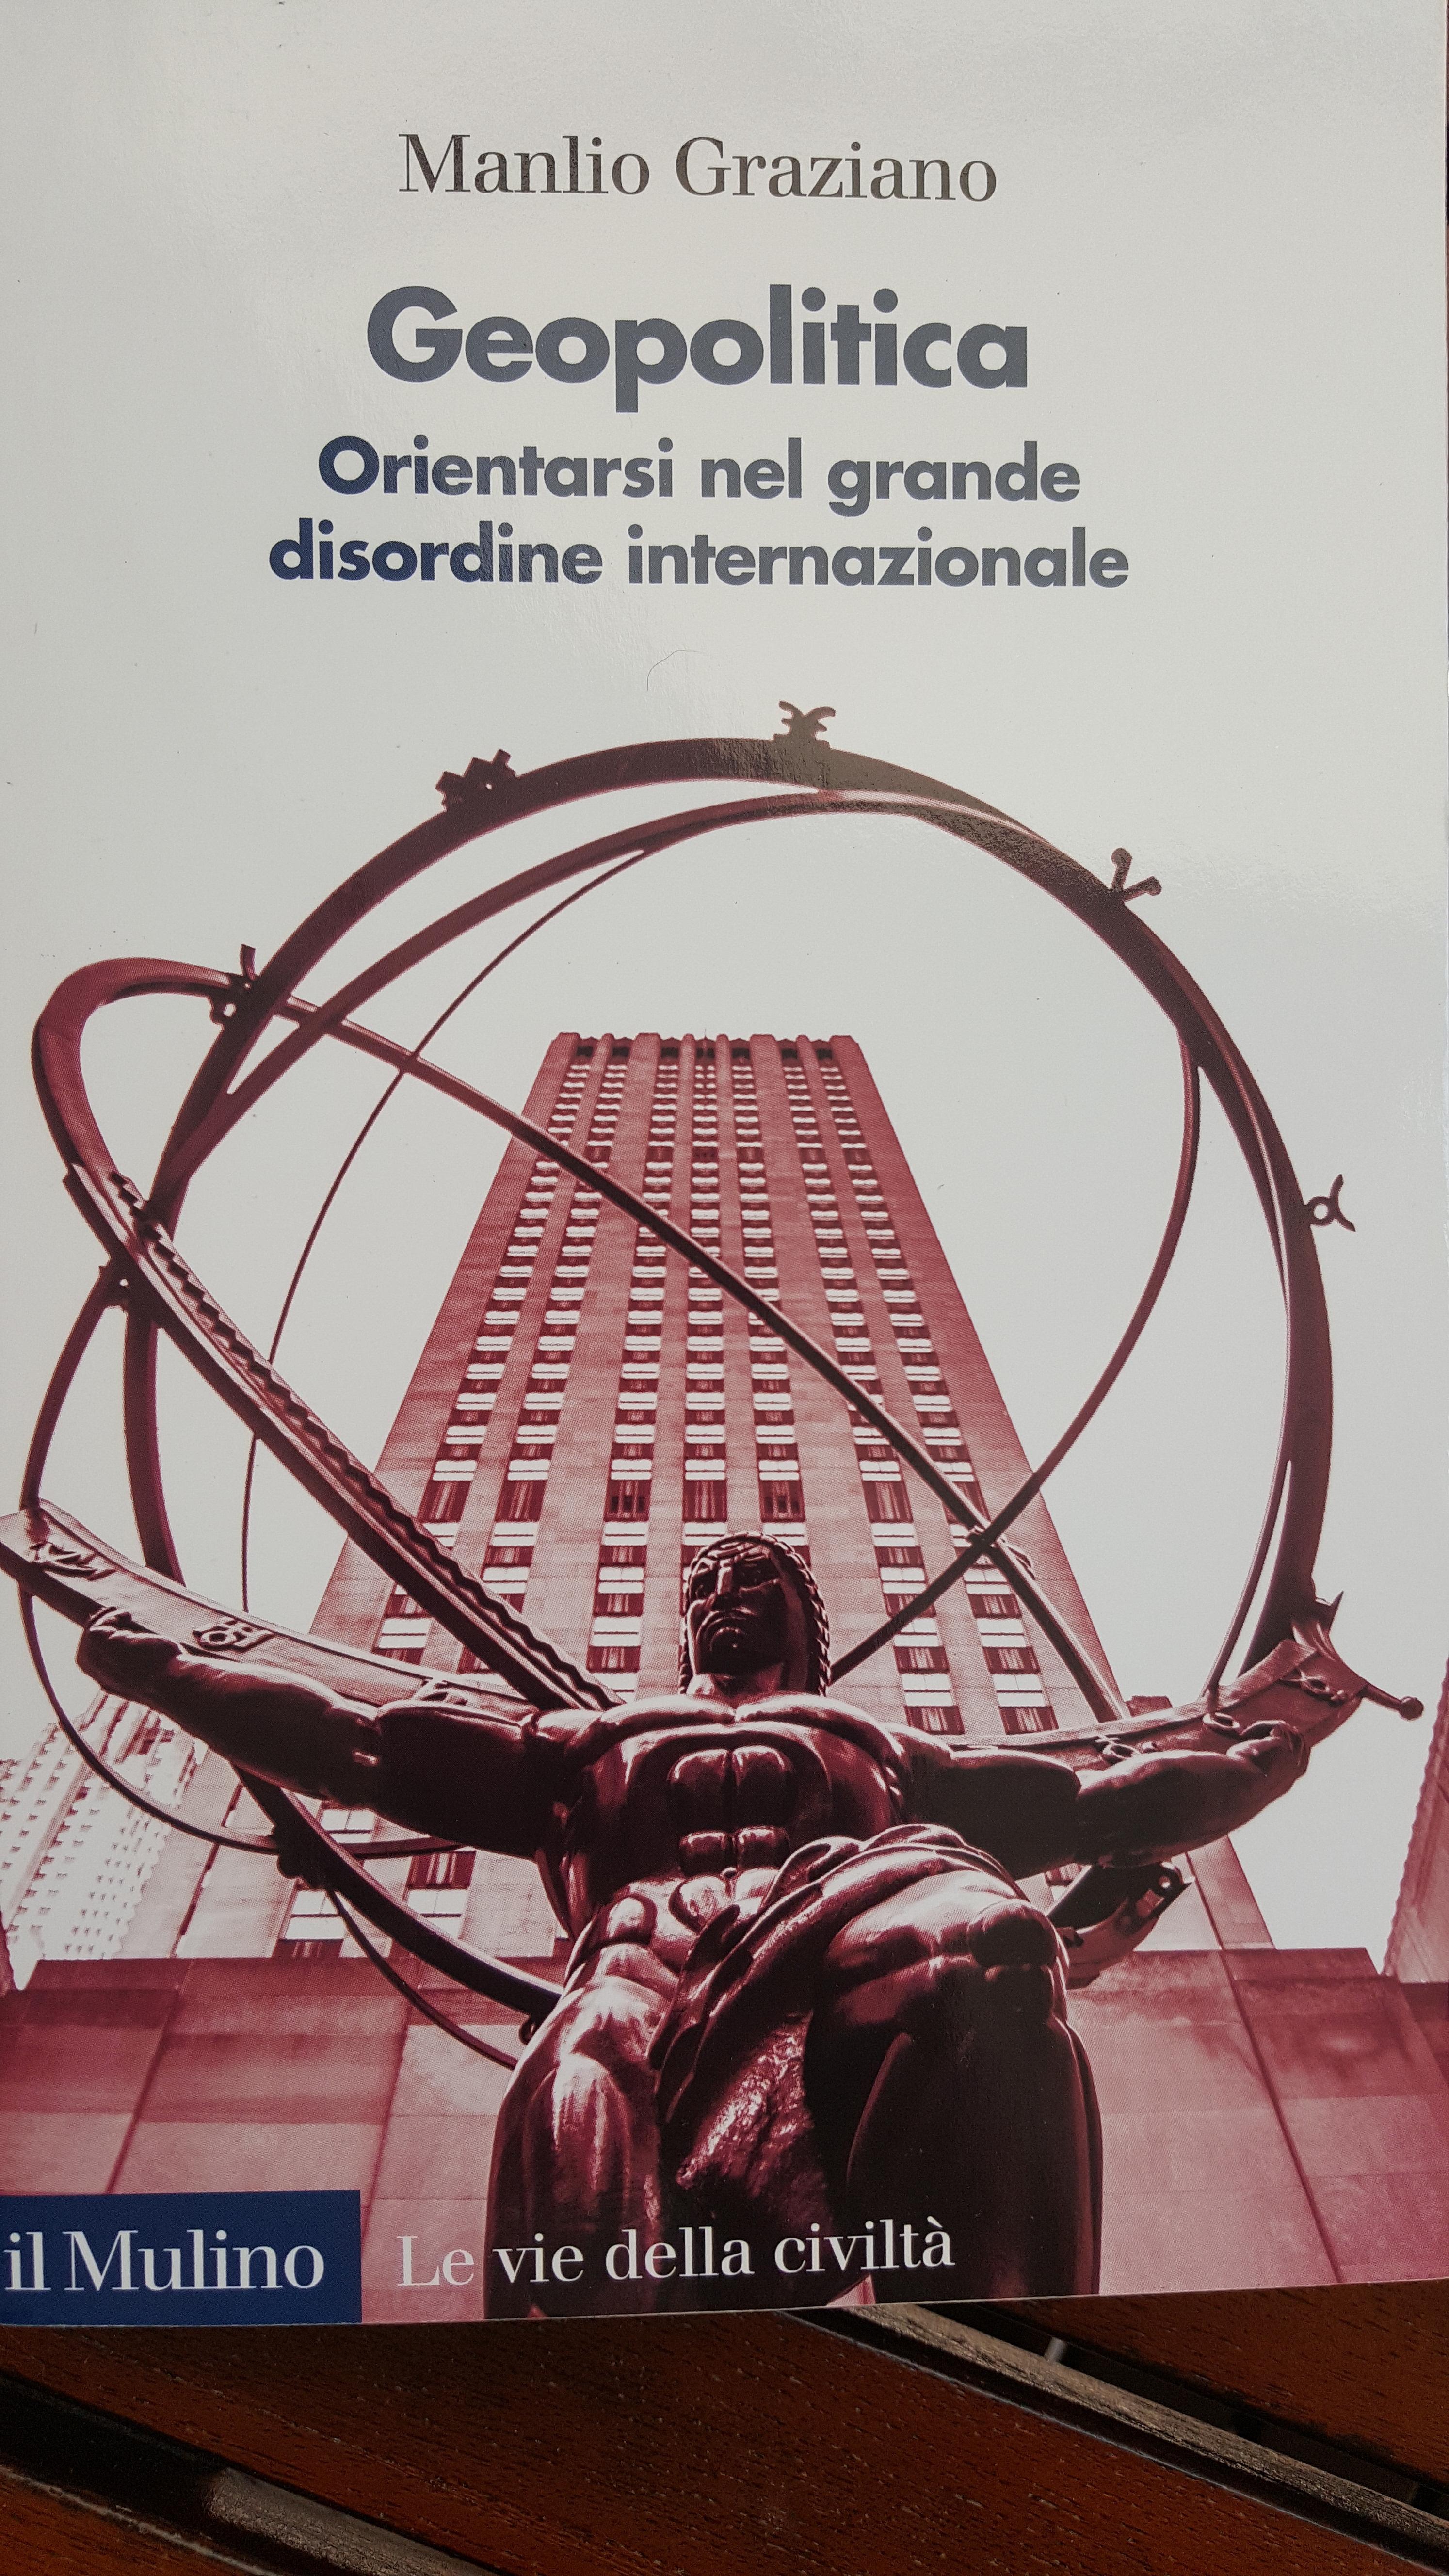 Geopolitica. Orientarsi nel grande disordine internazionale